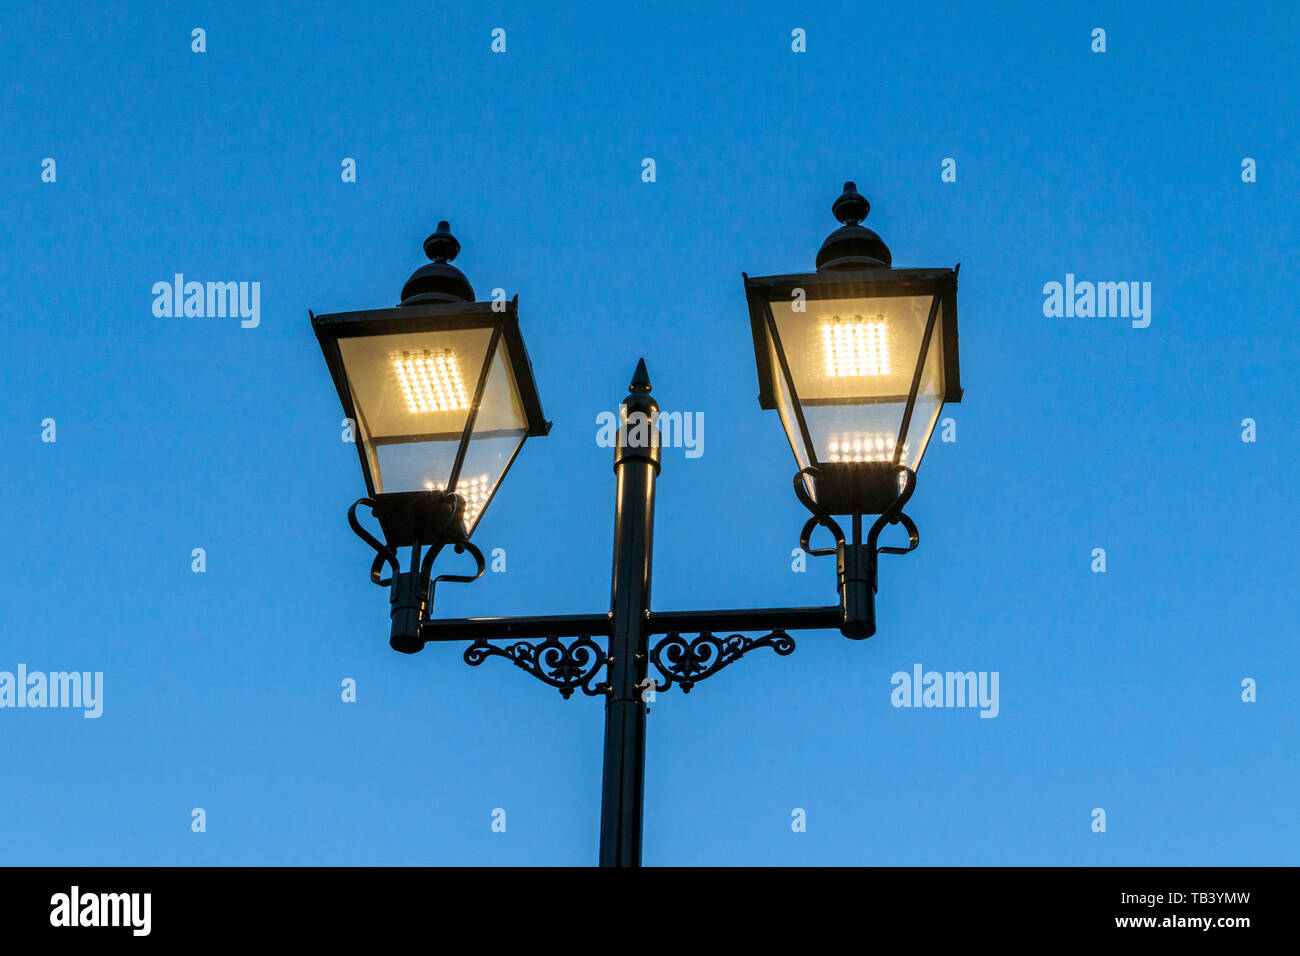 Una in stile vittoriano moderna Strada luce LED, Navigator Square, Archway, London, Regno Unito Foto Stock